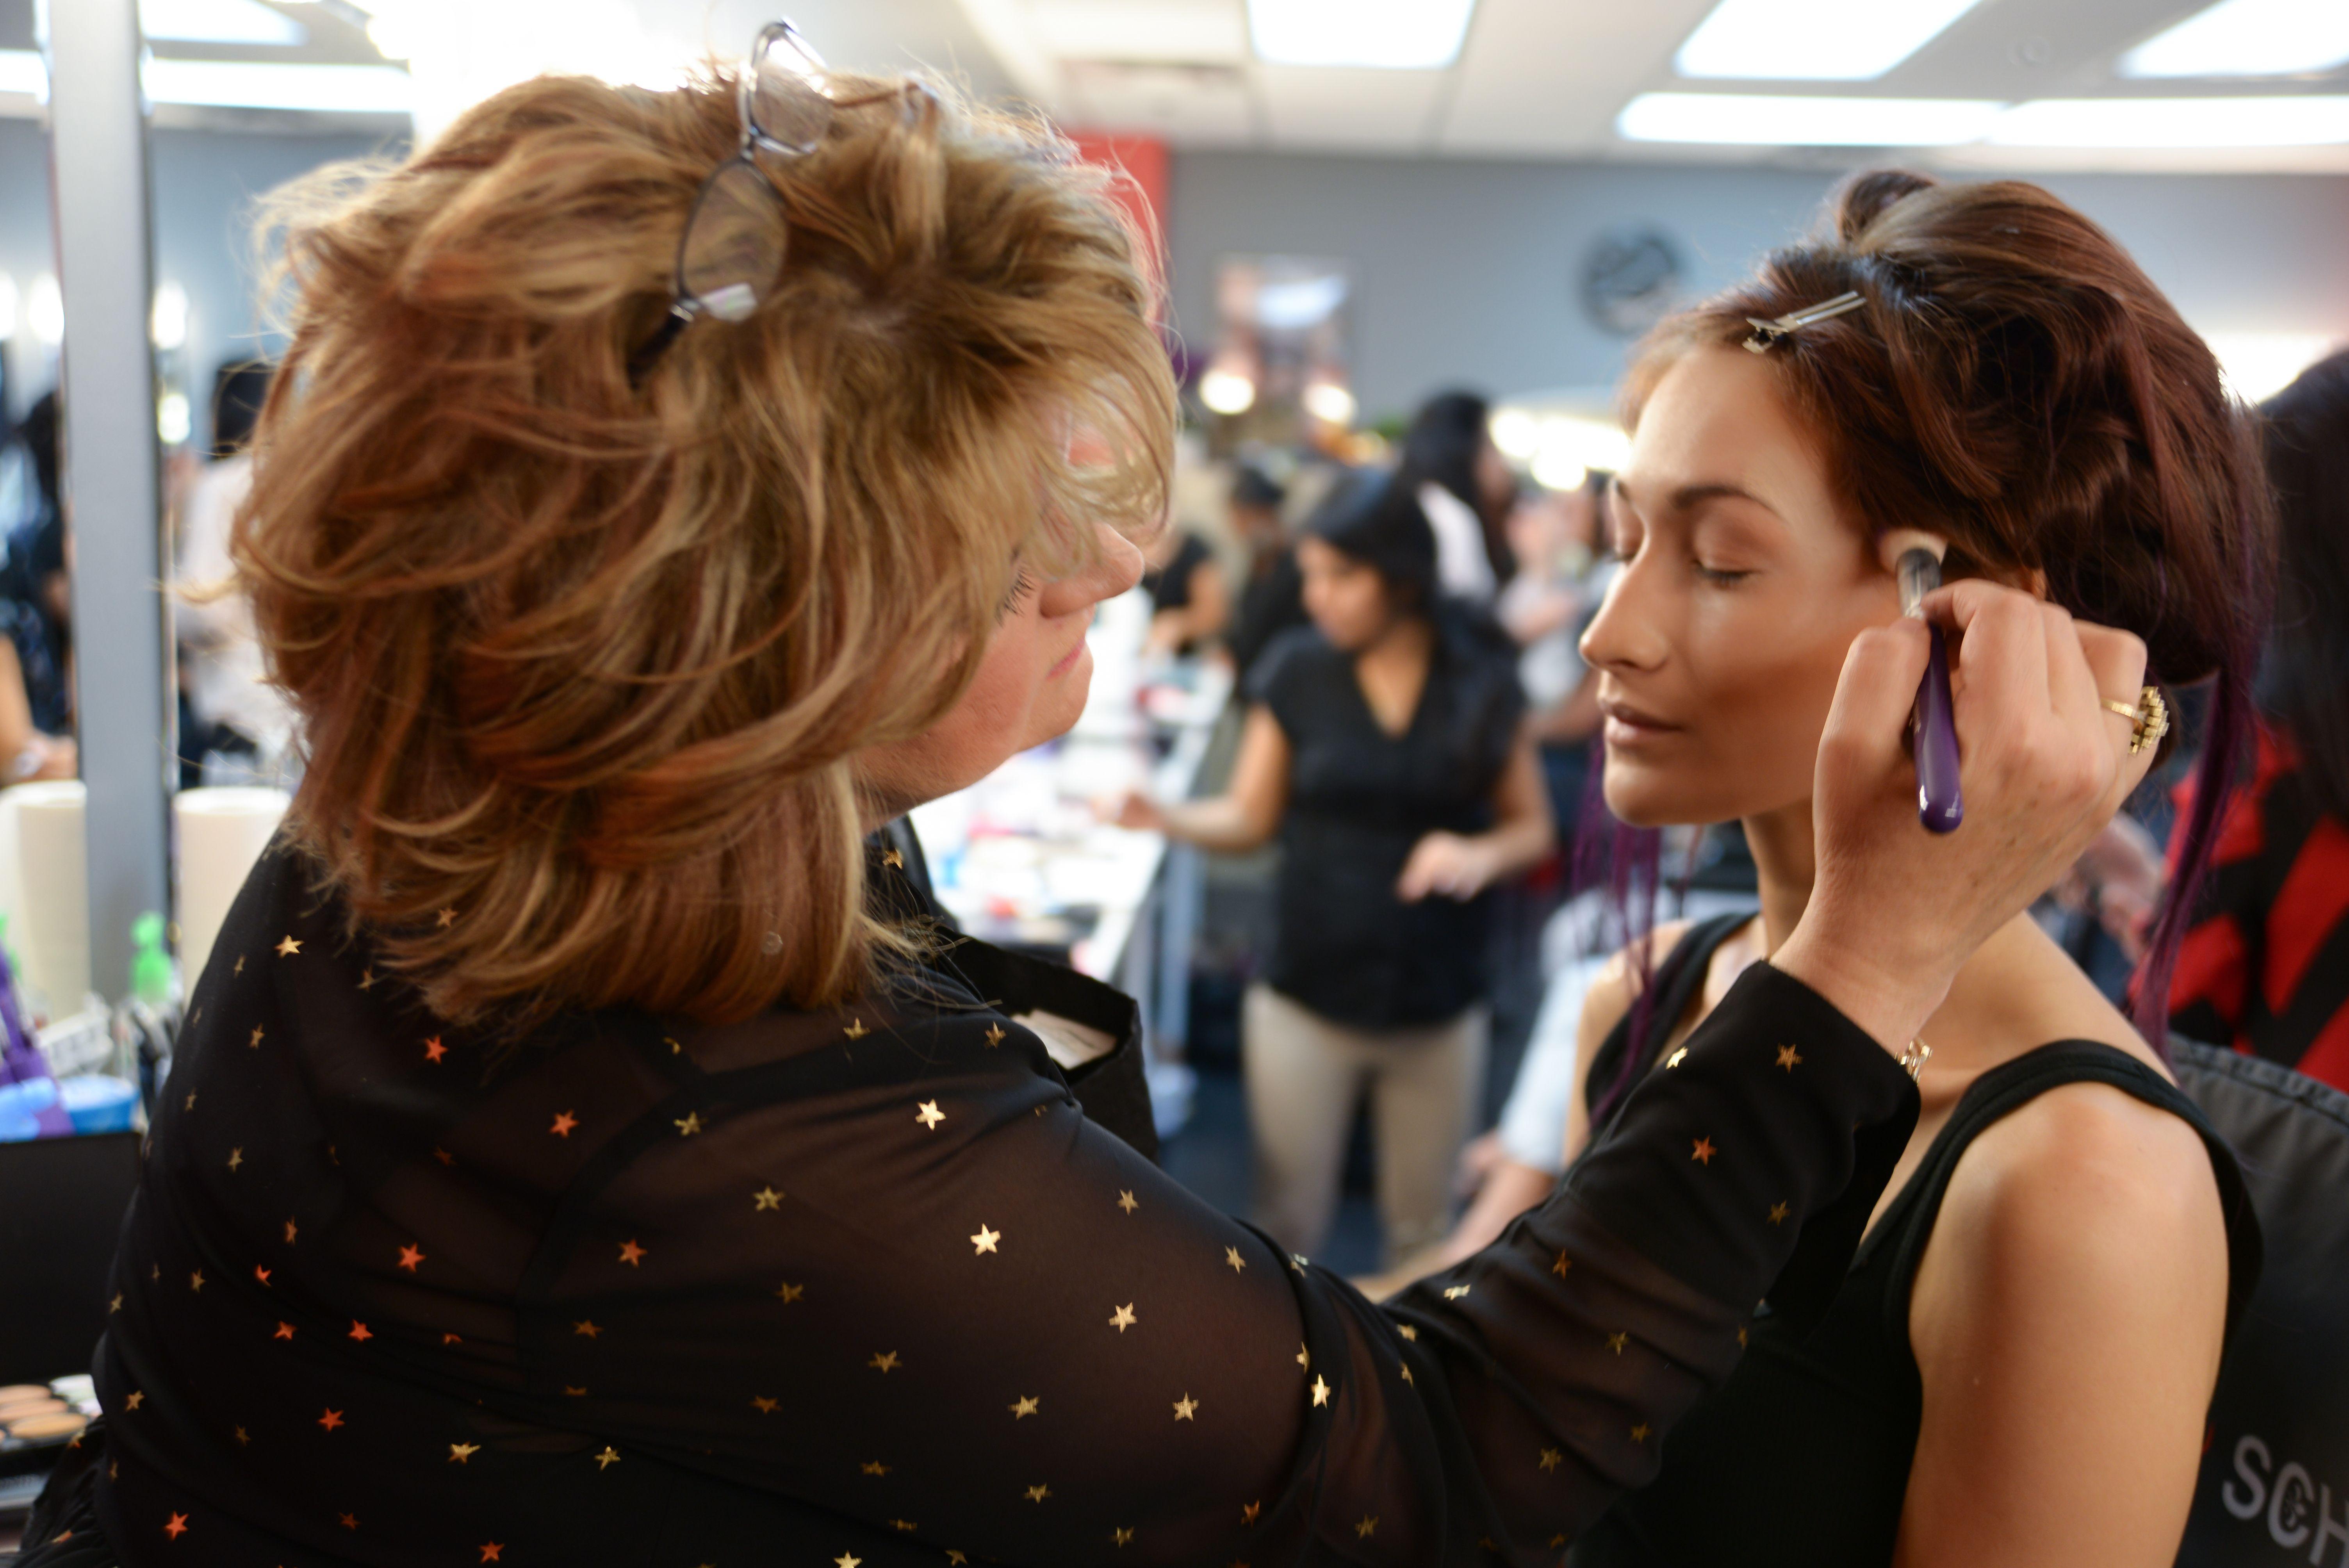 Professional Makeup Artist Classes At Cmc Makeup School International Https Www Cmcmakeupschoo Event Makeup Makeup Artist Schools Professional Makeup Artist